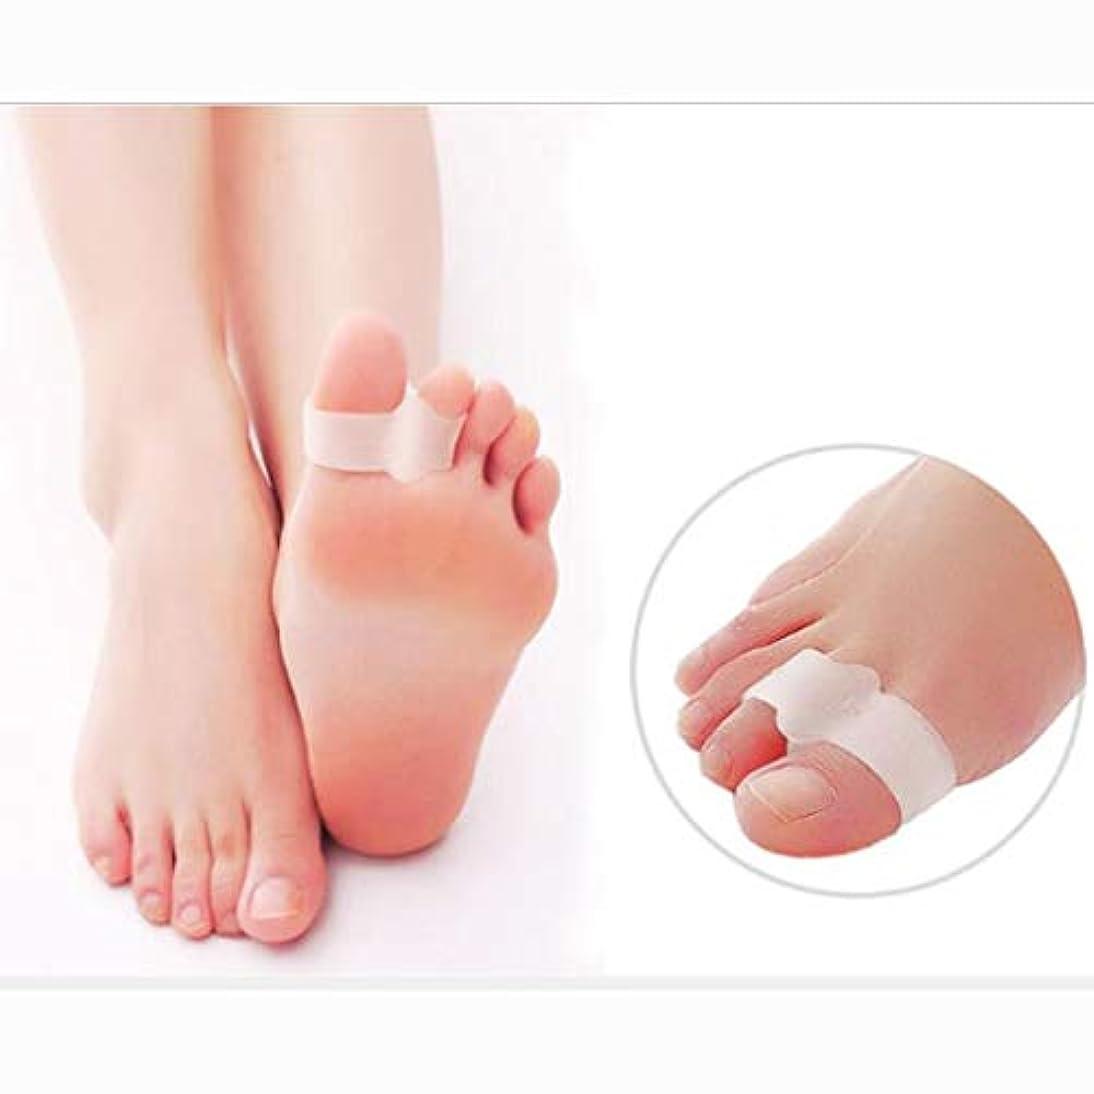 明日お手入れ細いFANGQIAO SHOP-脚装具 足矯正器-M-toe Eversion Hemper Toe Head Big Bone Toe Overlapping Finger Deviator 脚装具-10.11 (Size...